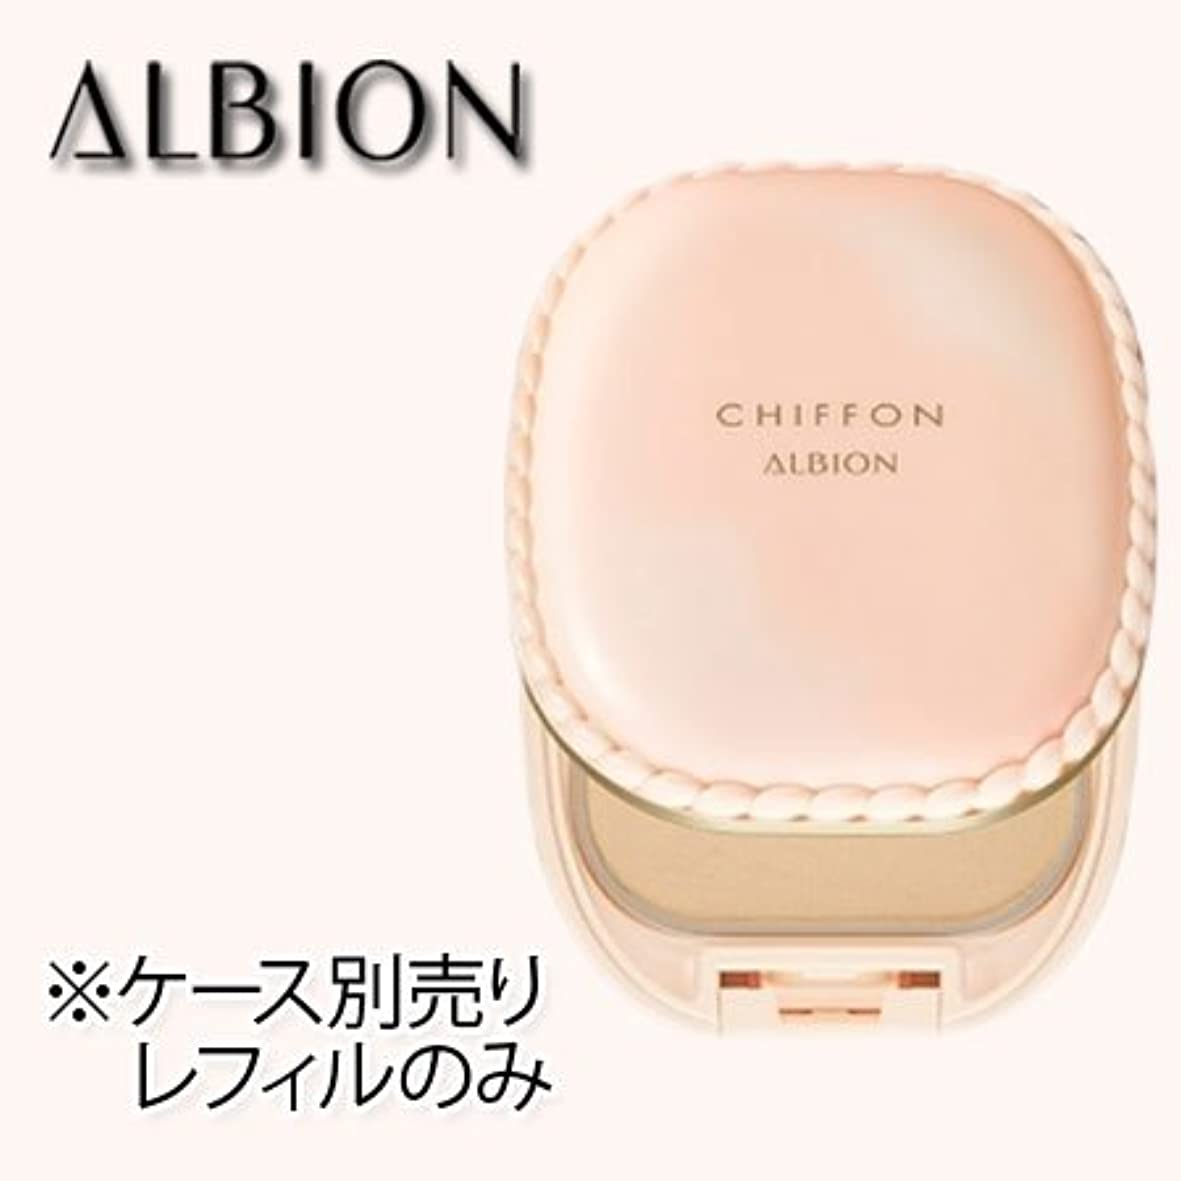 そして傷跡ここにアルビオン スウィート モイスチュア シフォン (レフィル) 10g 6色 SPF22 PA++-ALBION- 060